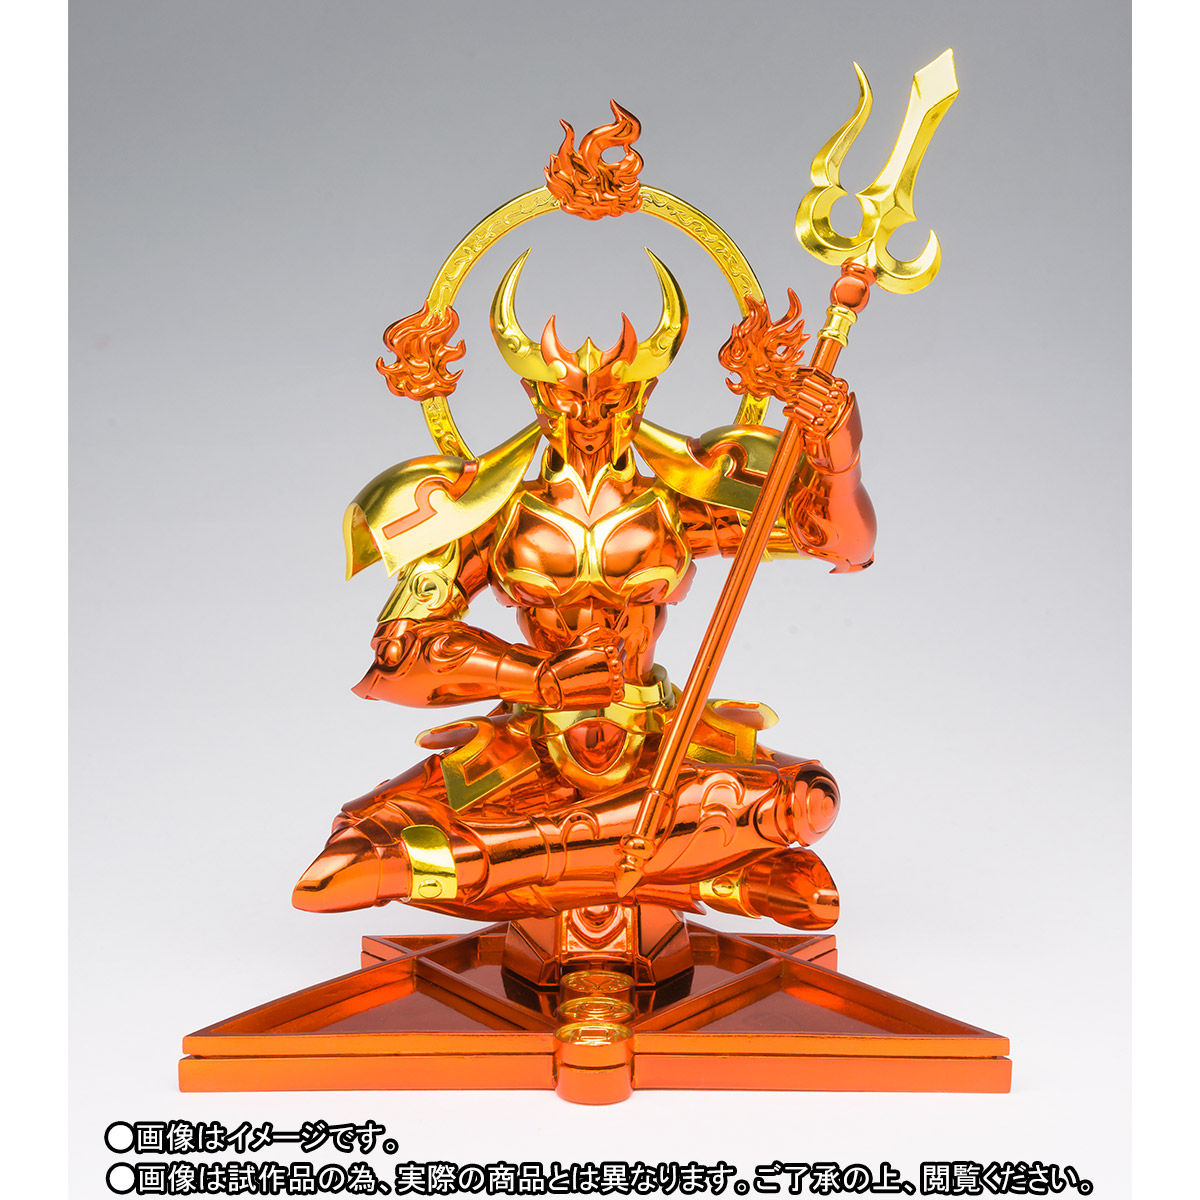 [Comentários] Saint Cloth Myth EX - Krishna de Chrysaor. RYbpu7ul_o